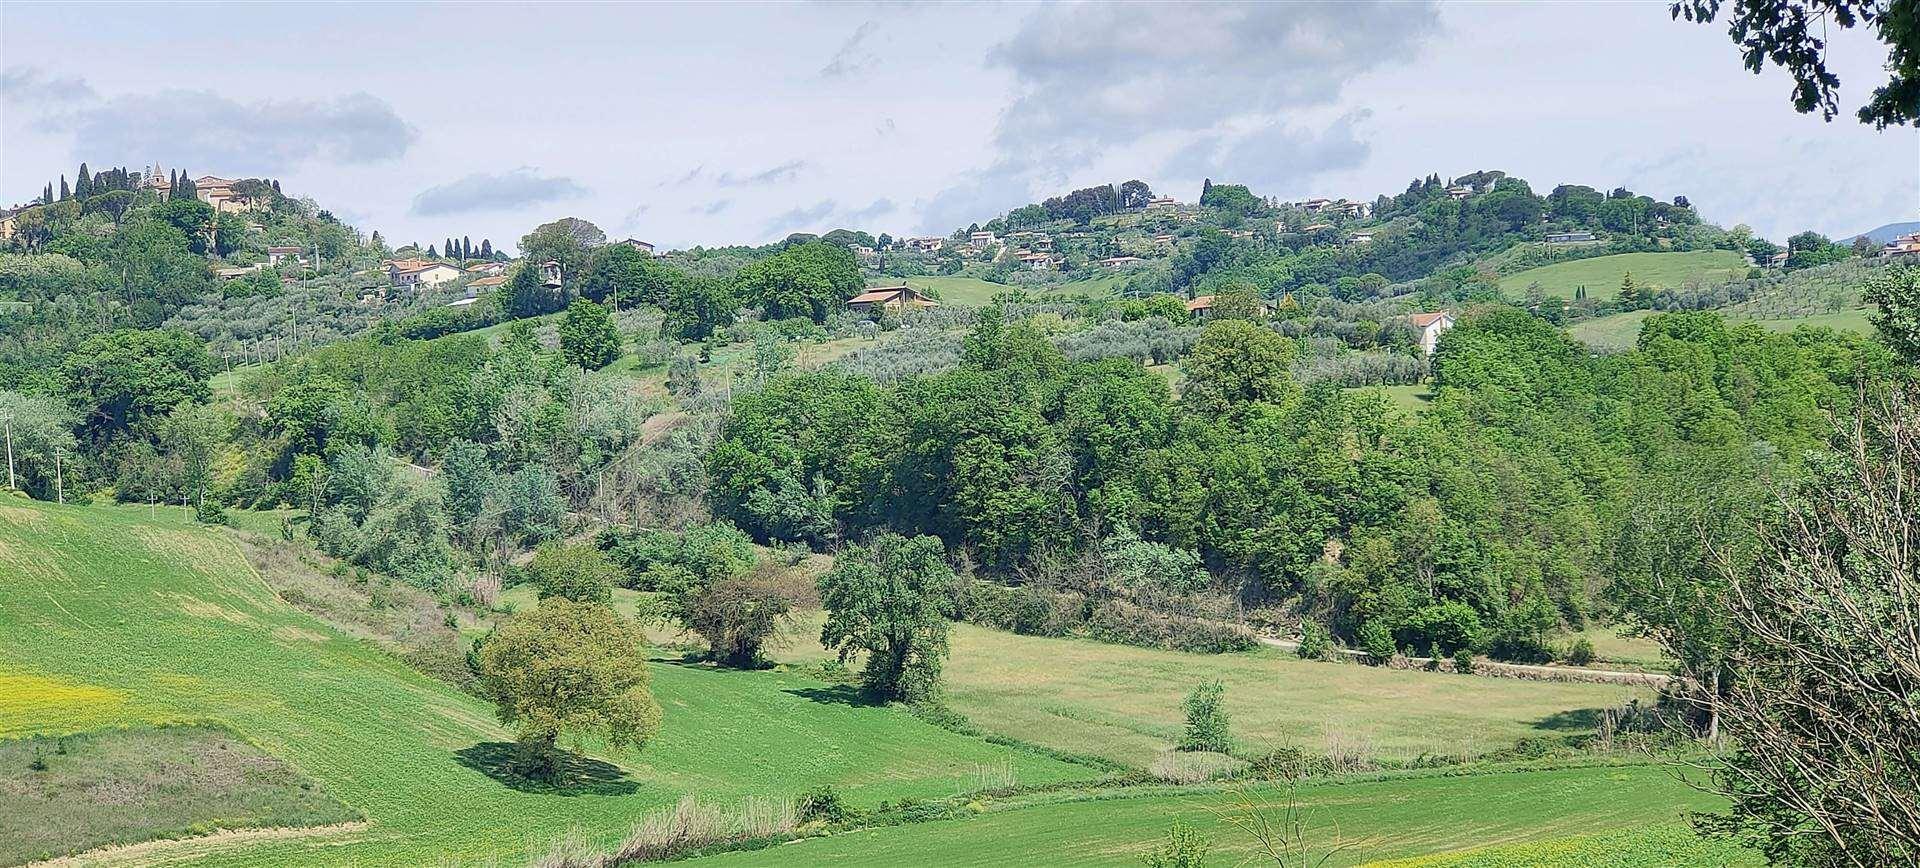 Terreno Agricolo in vendita a Collevecchio, 1 locali, prezzo € 55.000 | CambioCasa.it